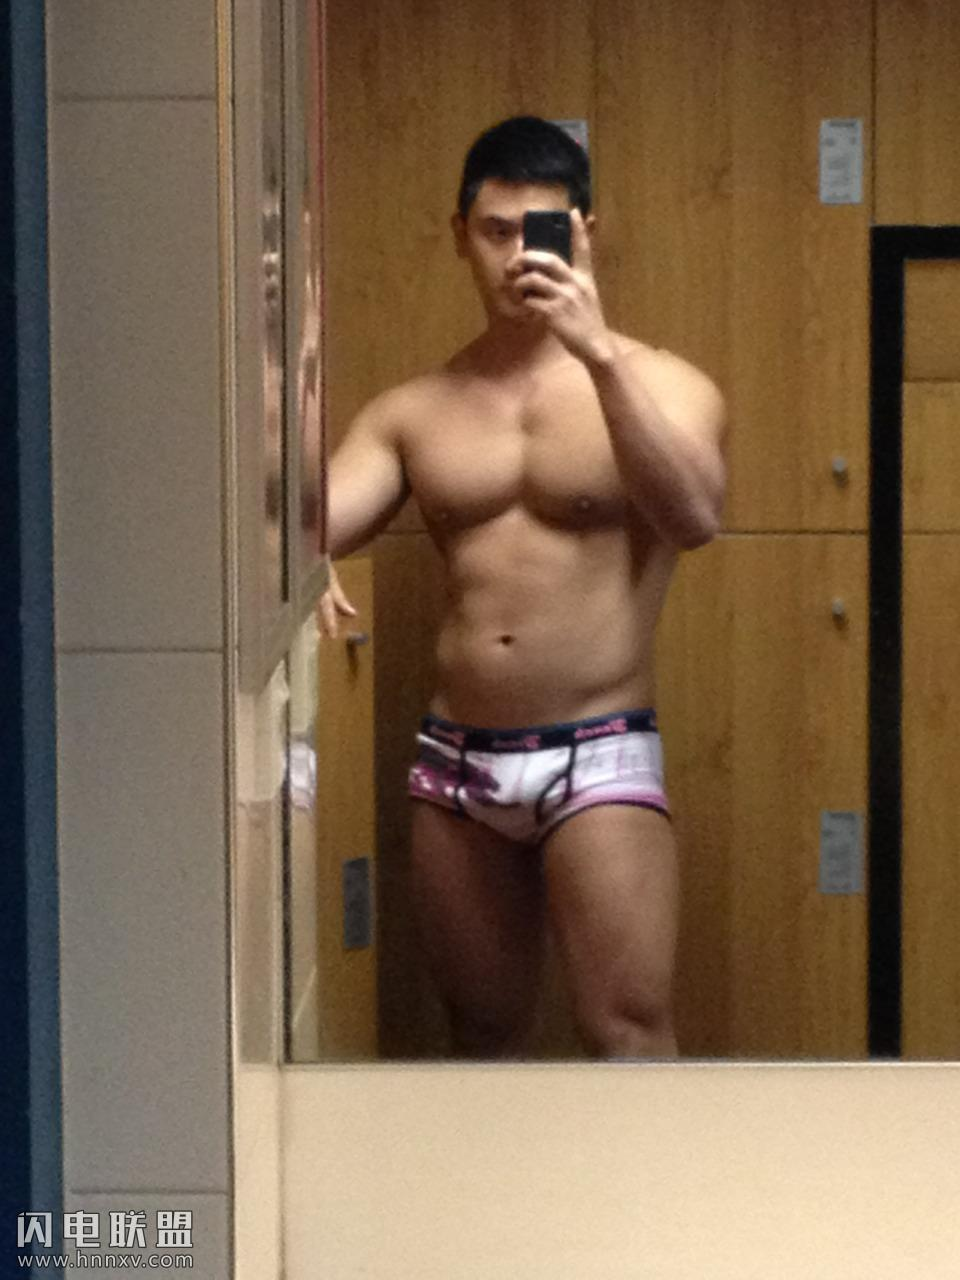 性感肌肉帅哥浴室腹肌自拍